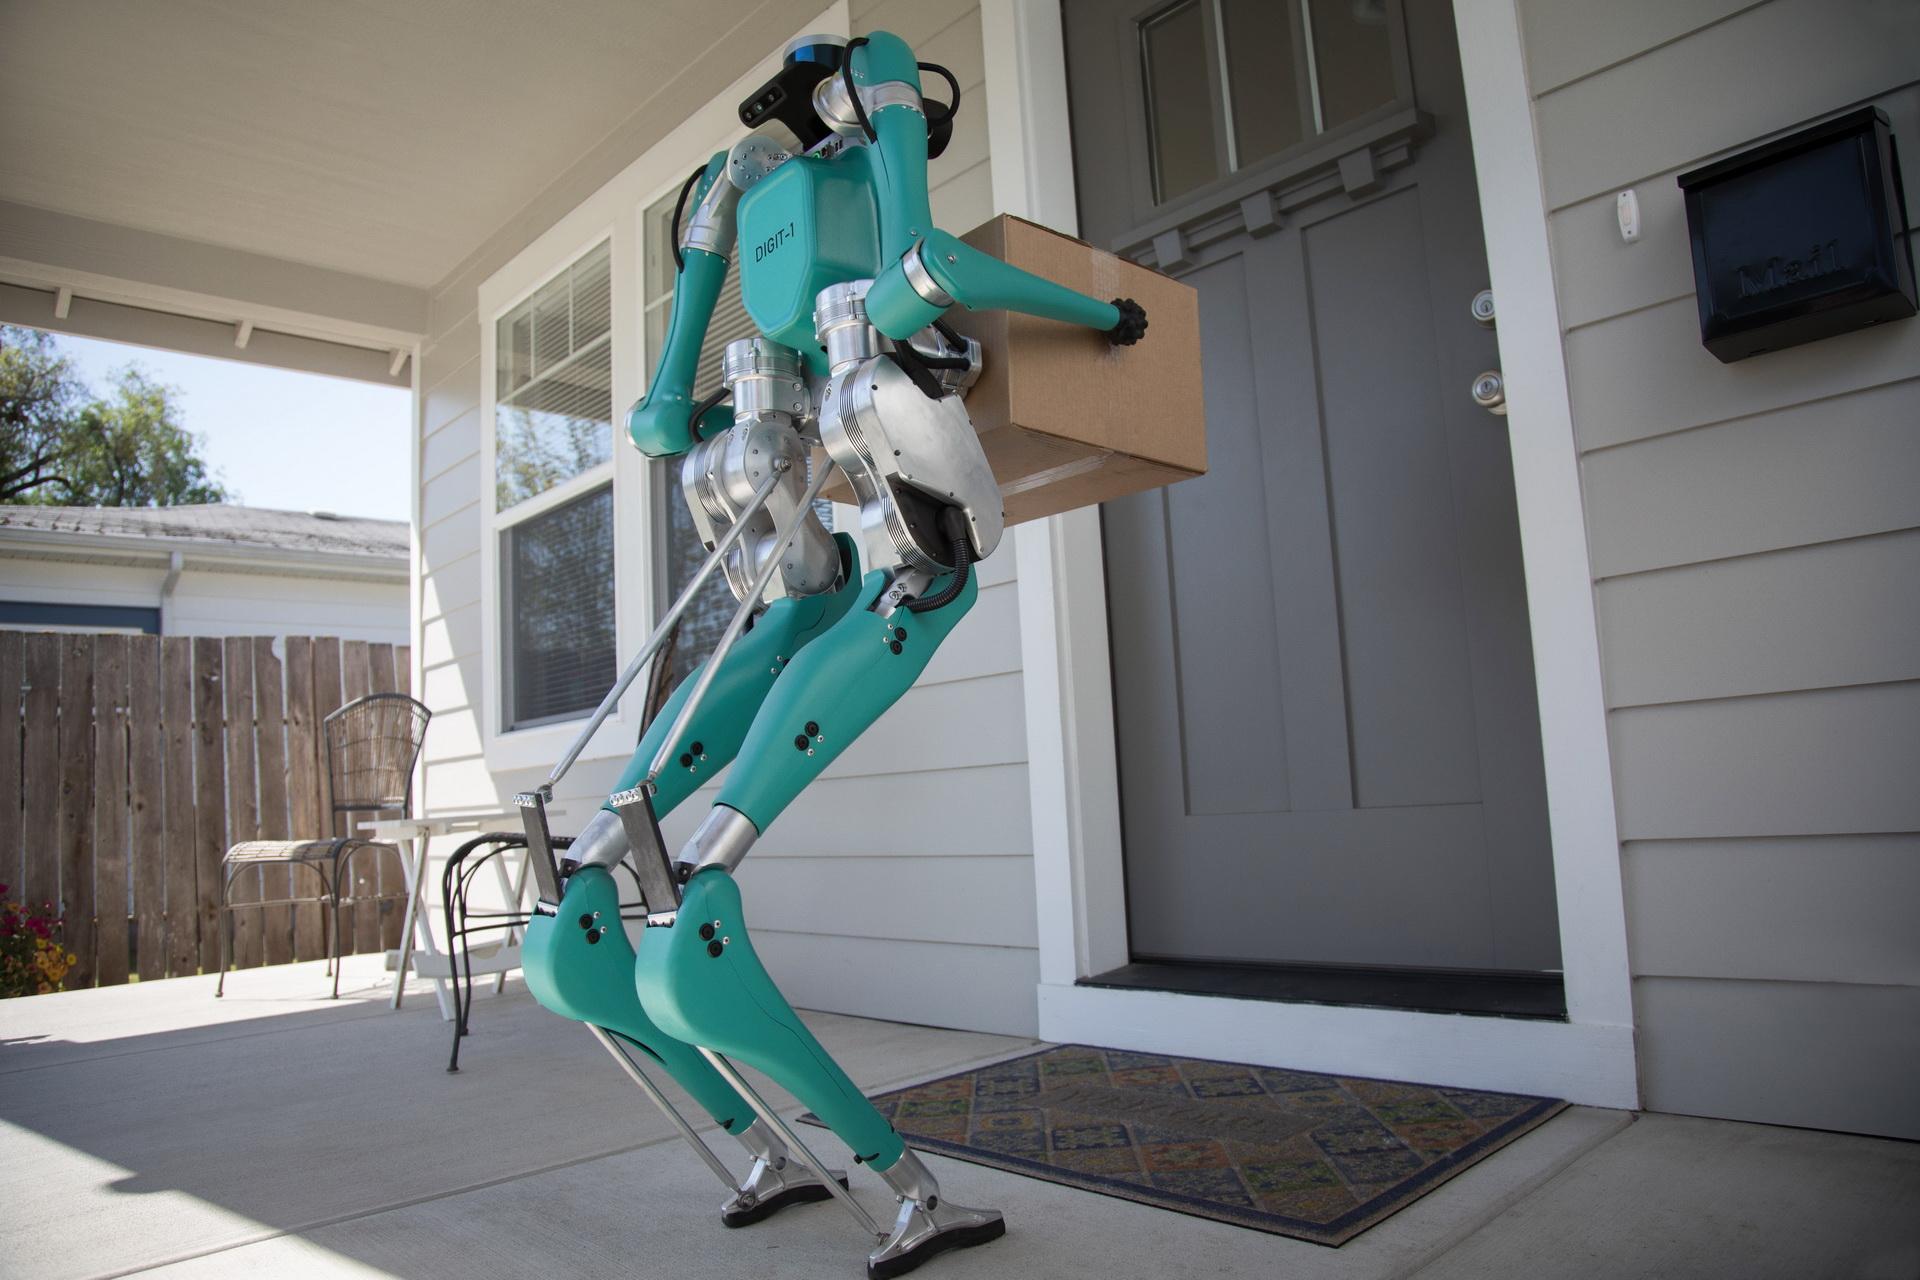 Ford phát triển Digit robot giao hàng tự động đến tận cửa - 5